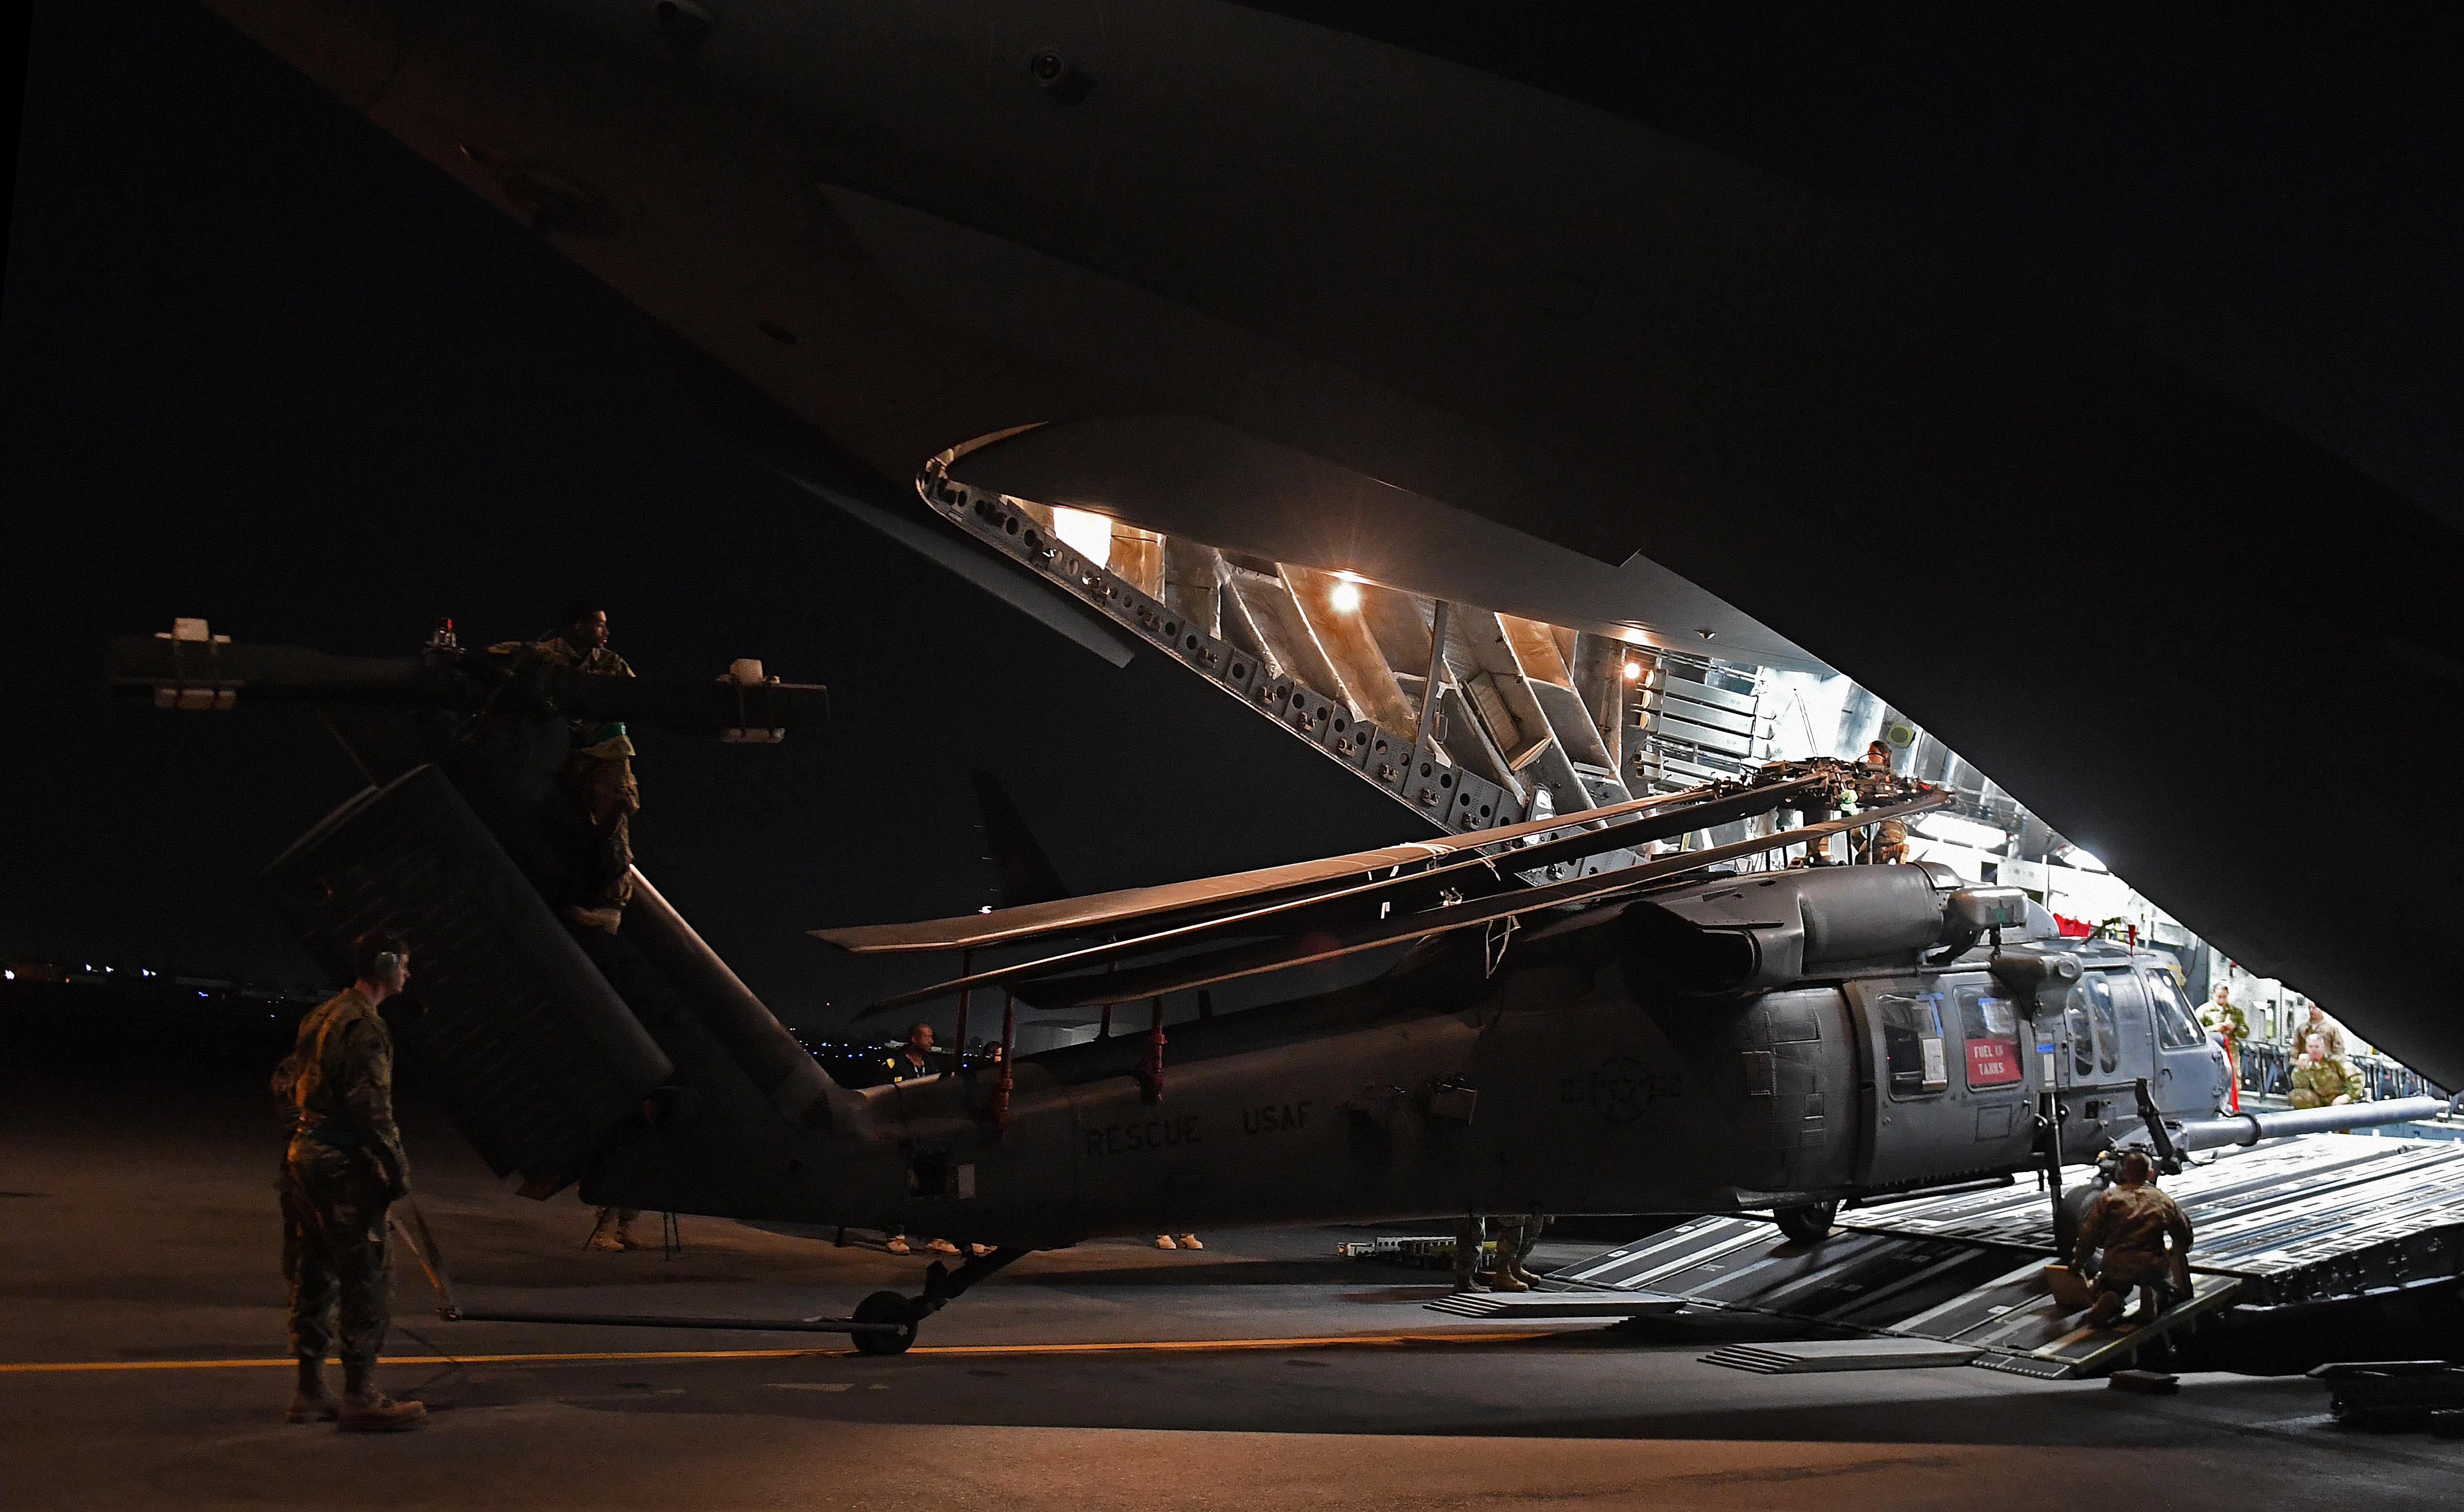 HH-60 Pave Hawk Arrival